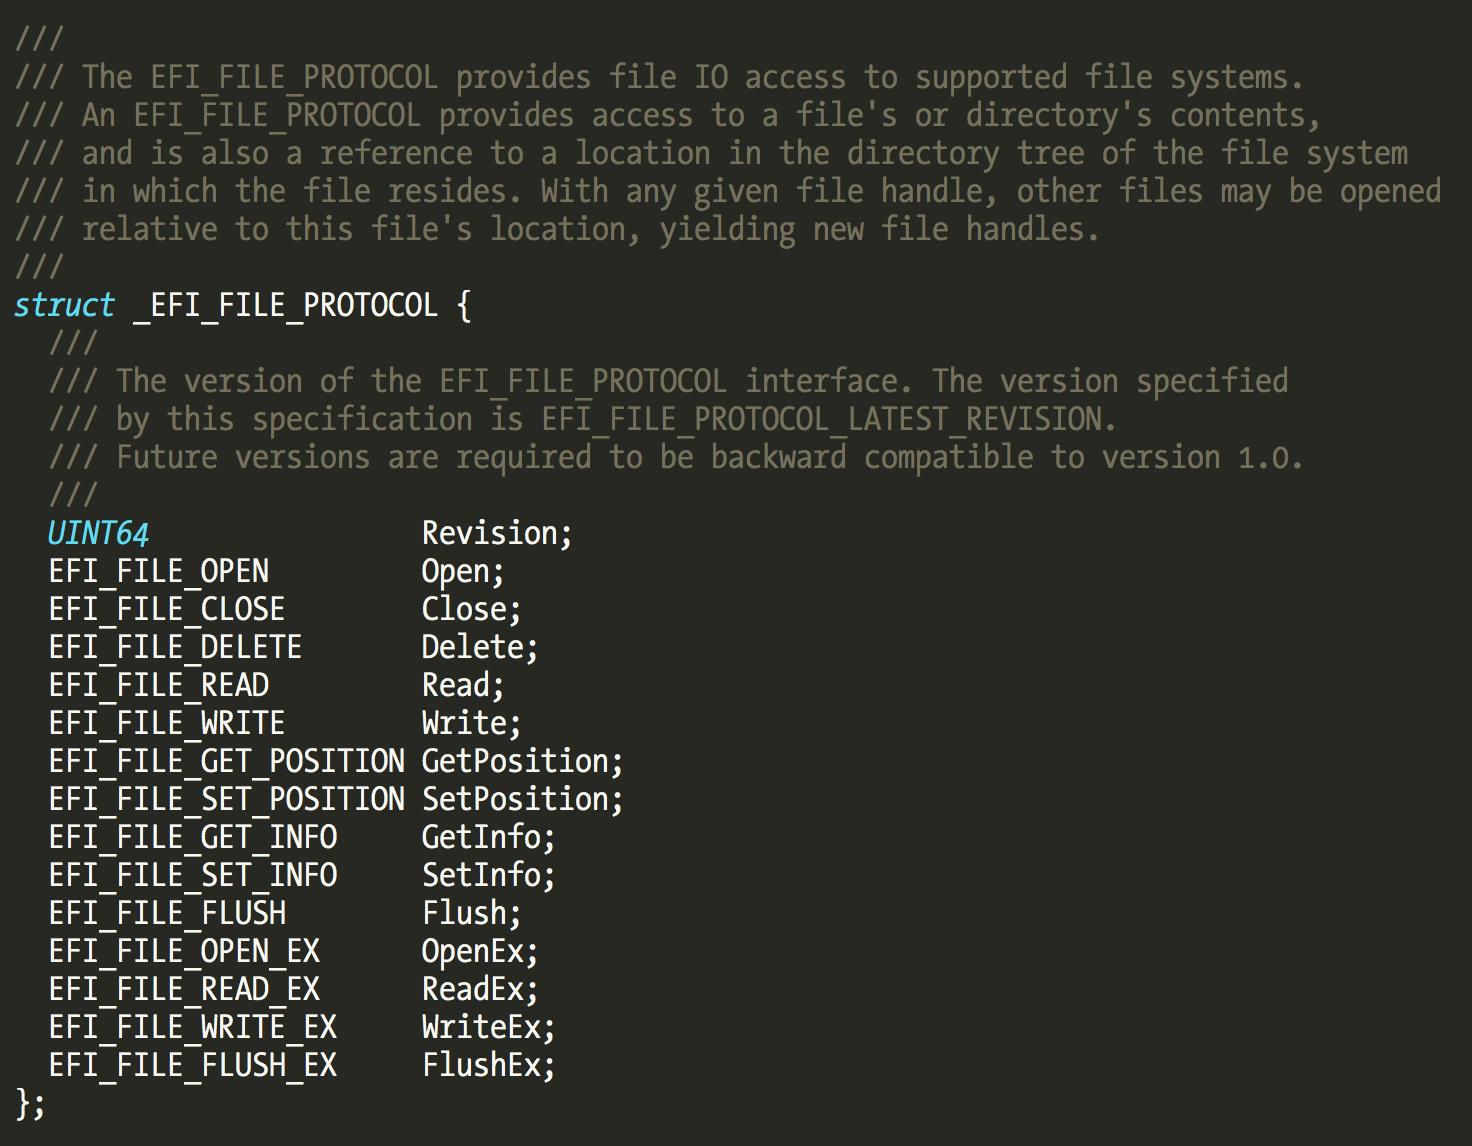 efi file protocol